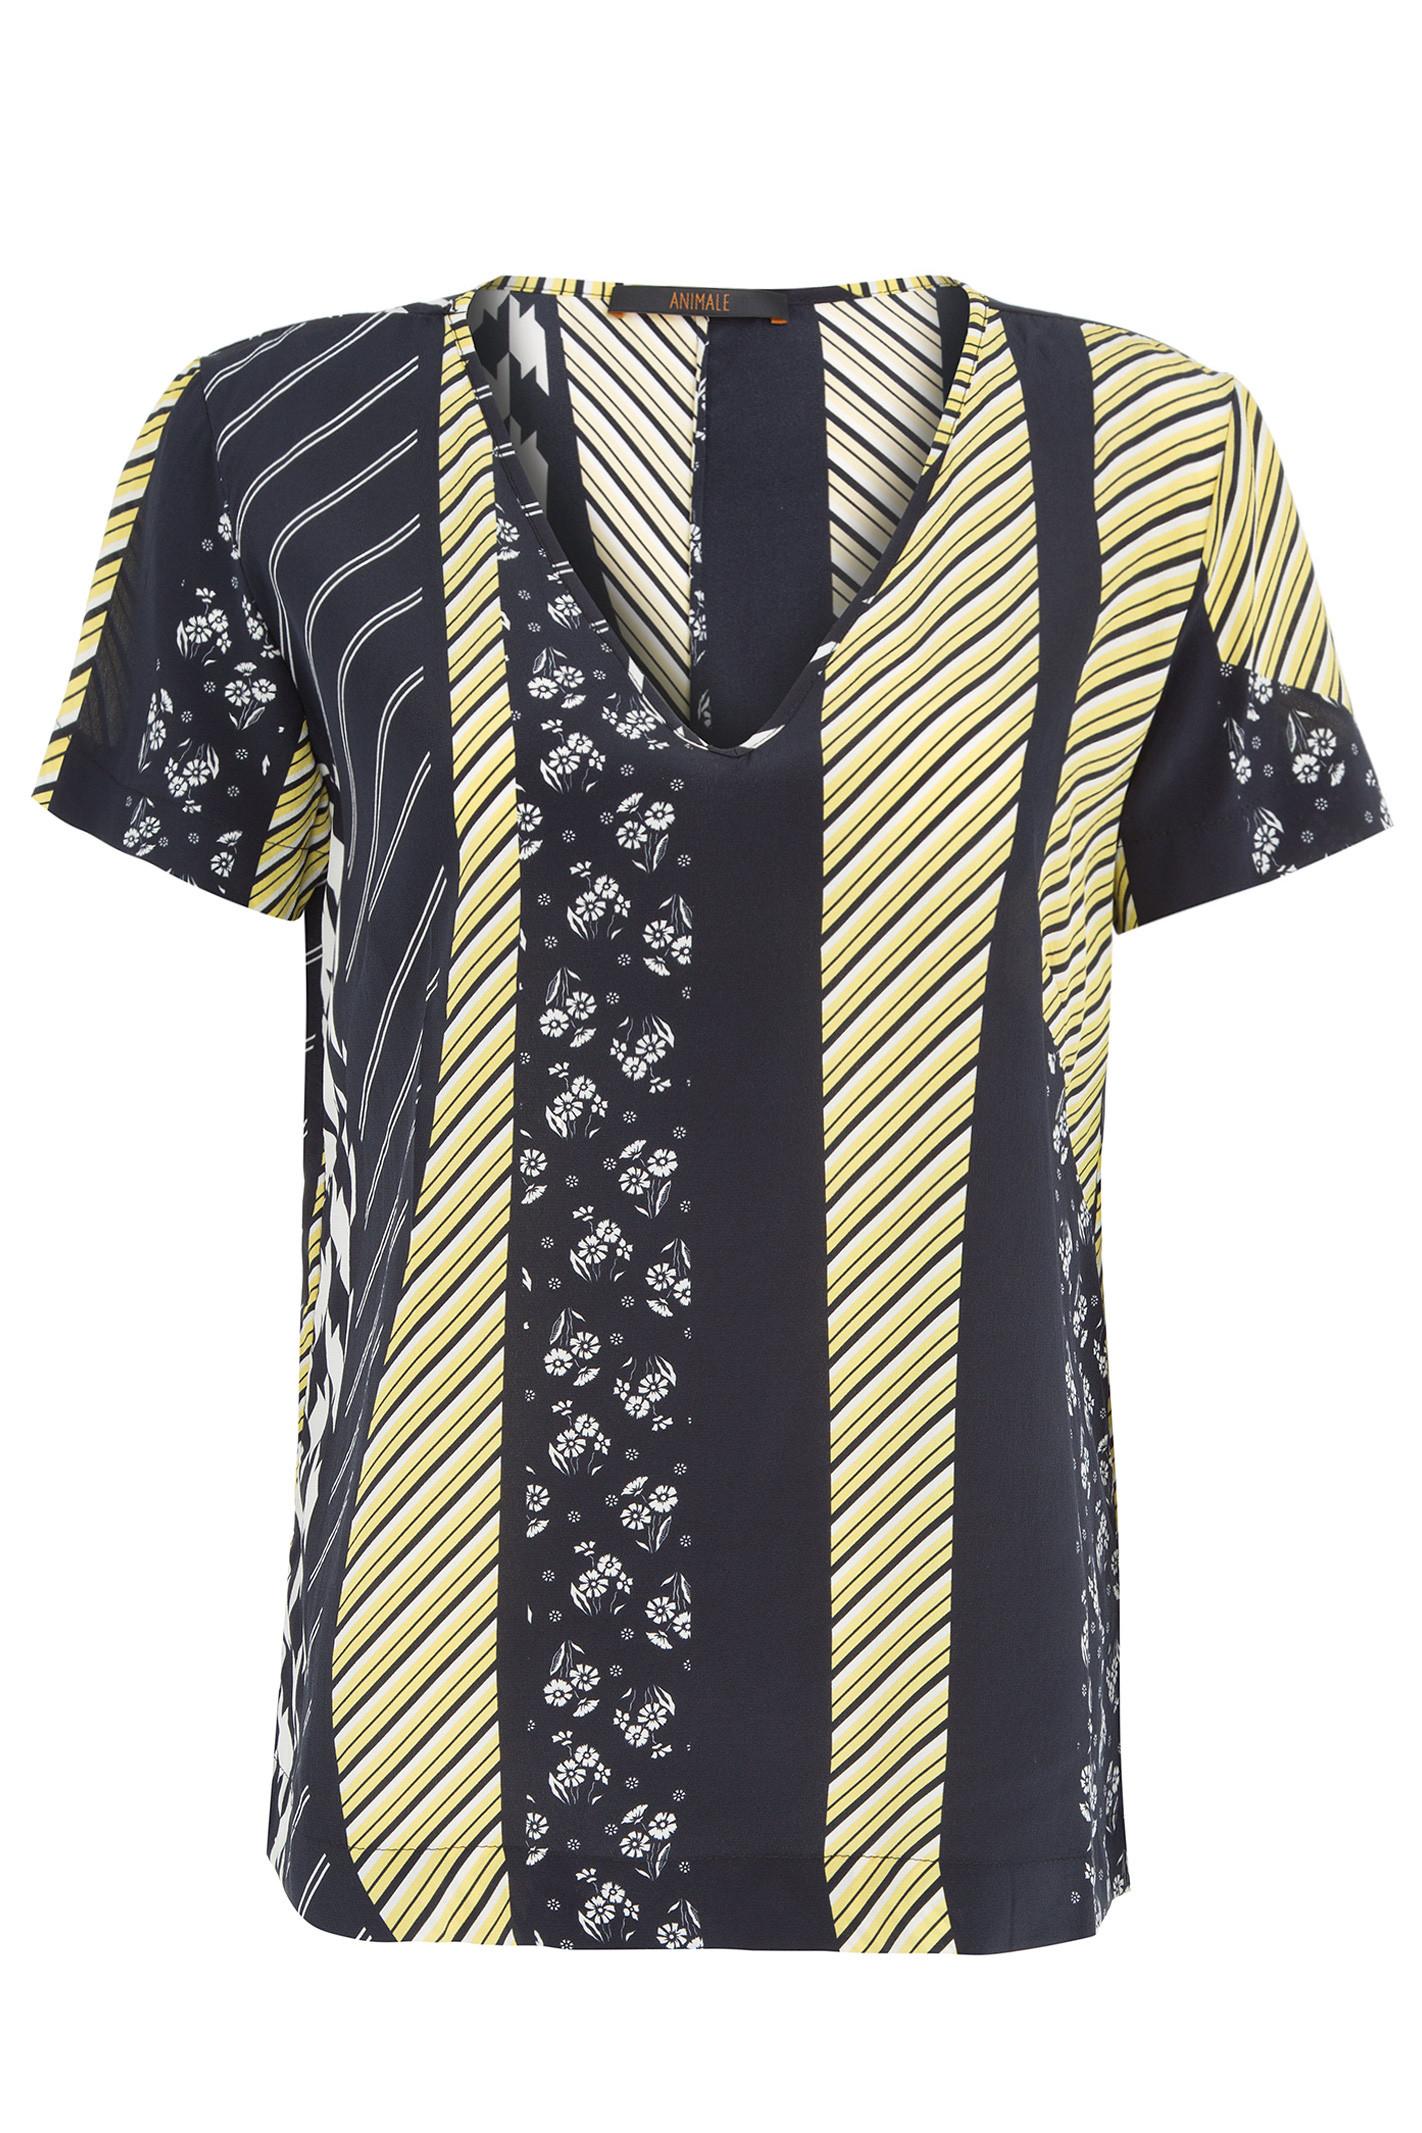 T-Shirt Decote V - Amarelo